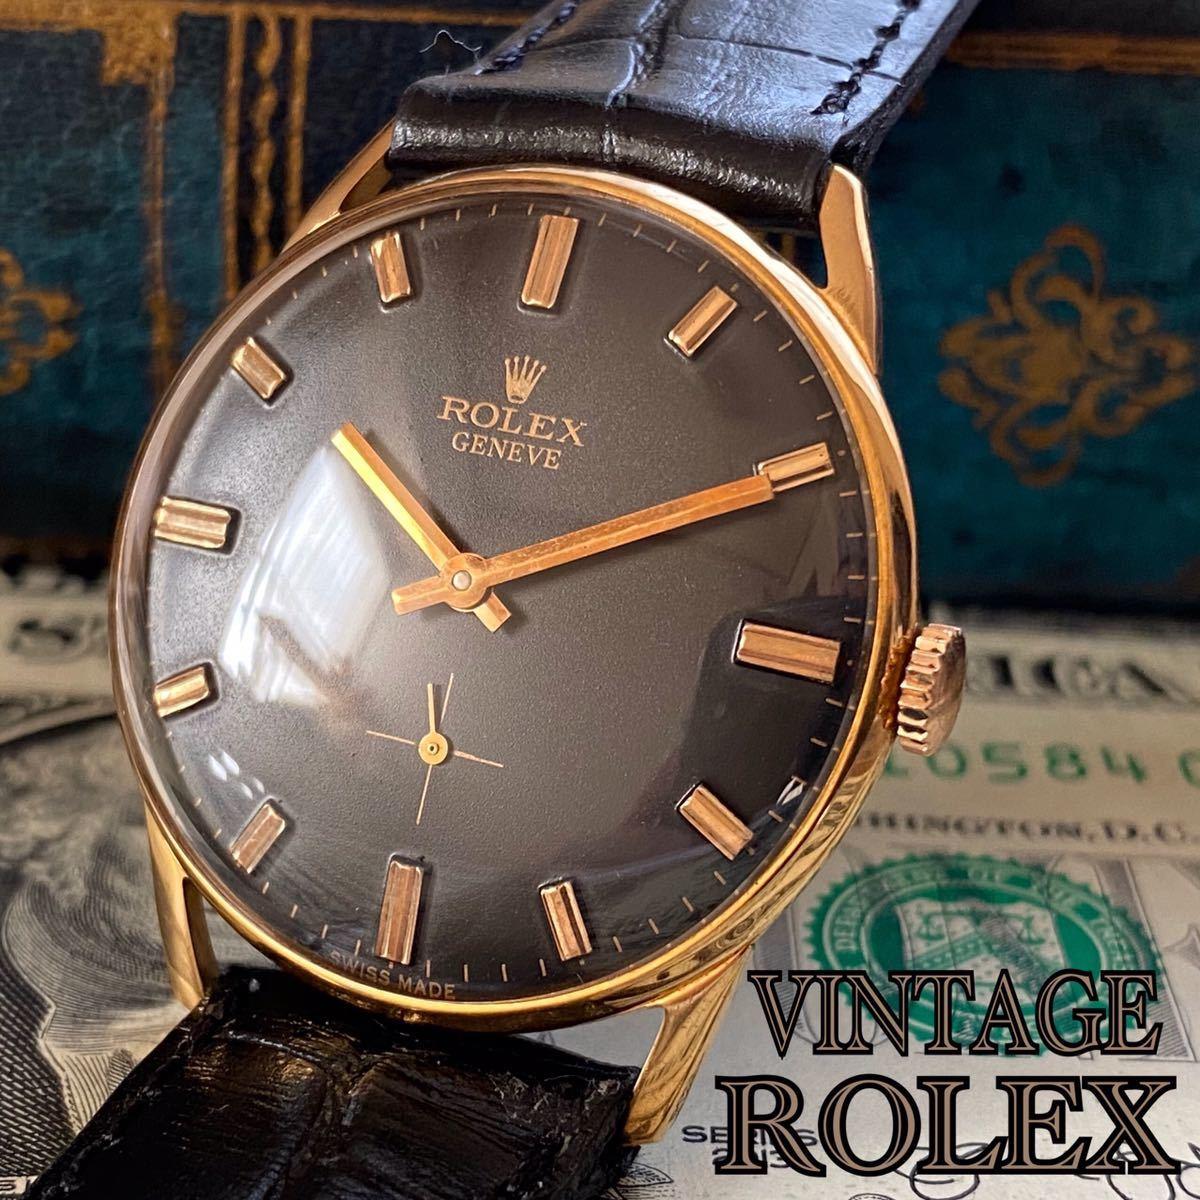 1円スタート【OH済】ロレックス ■ ROLEX デイト 黒文字盤 ジュネーブ 1950年代 アンティーク 中古 14KGP メンズ 手巻き腕時計 ビンテージ